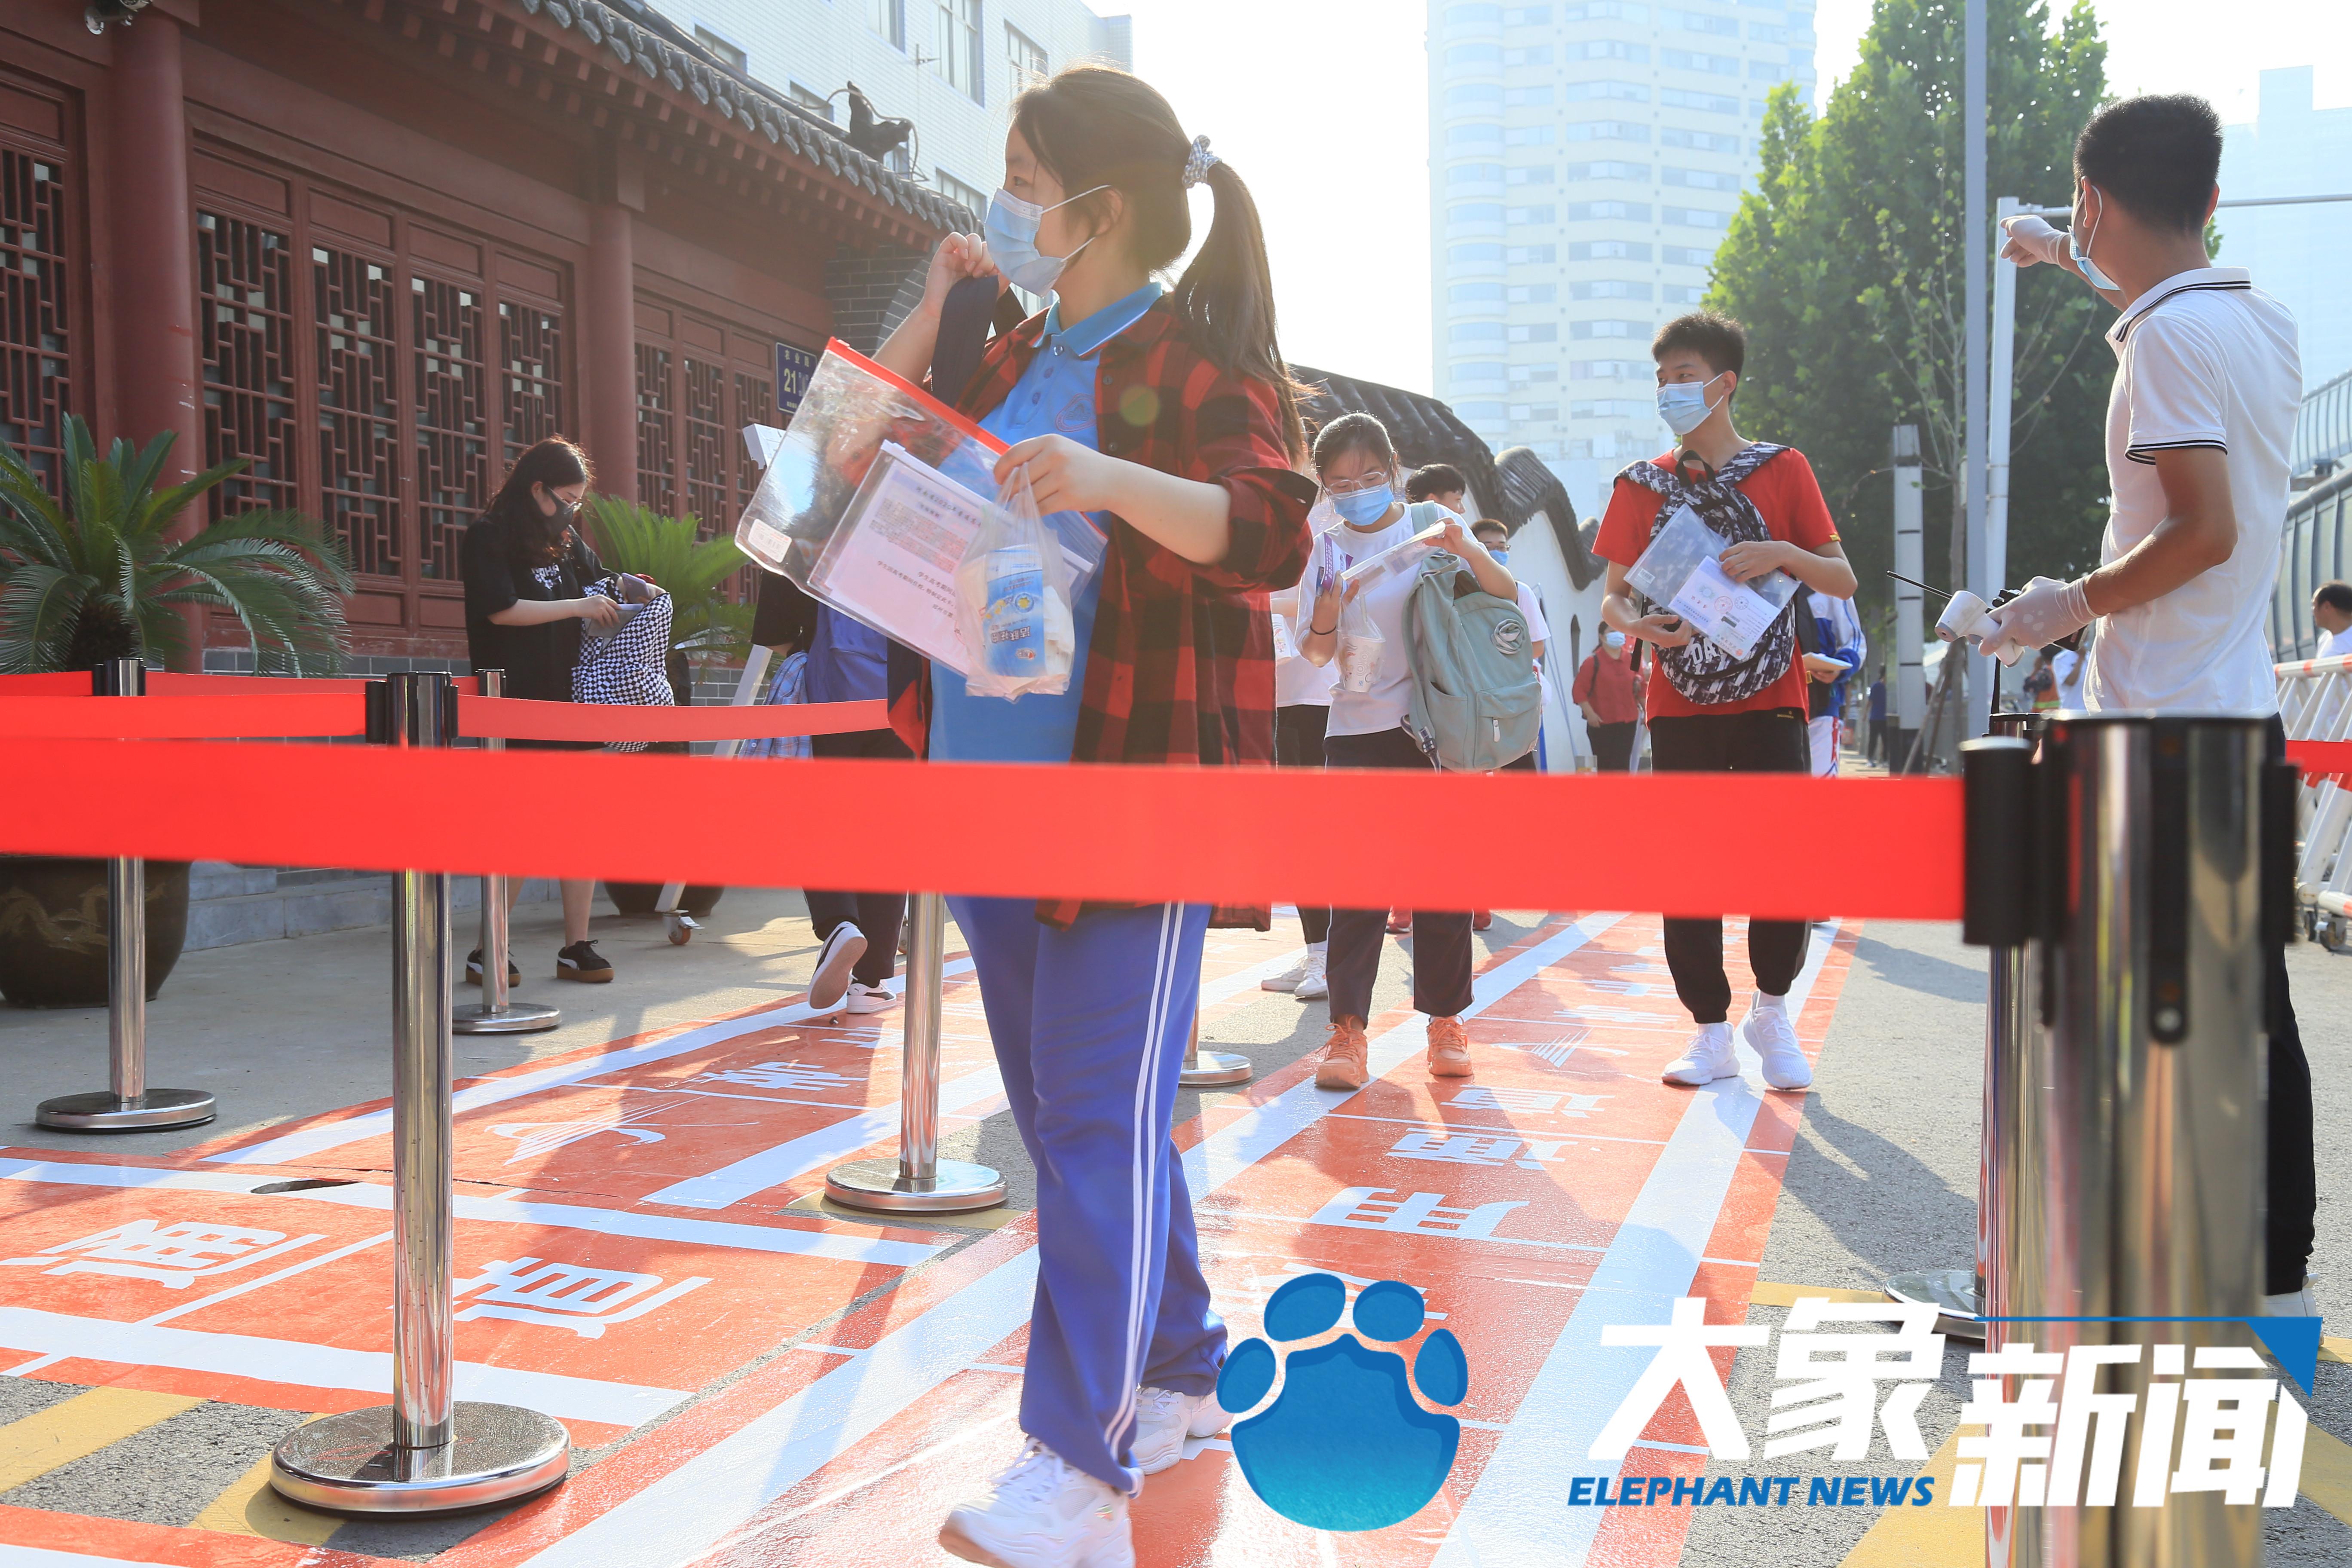 @河南学子 11月10日起,河南2021年高考报名启动 享受政策照顾须提前申报